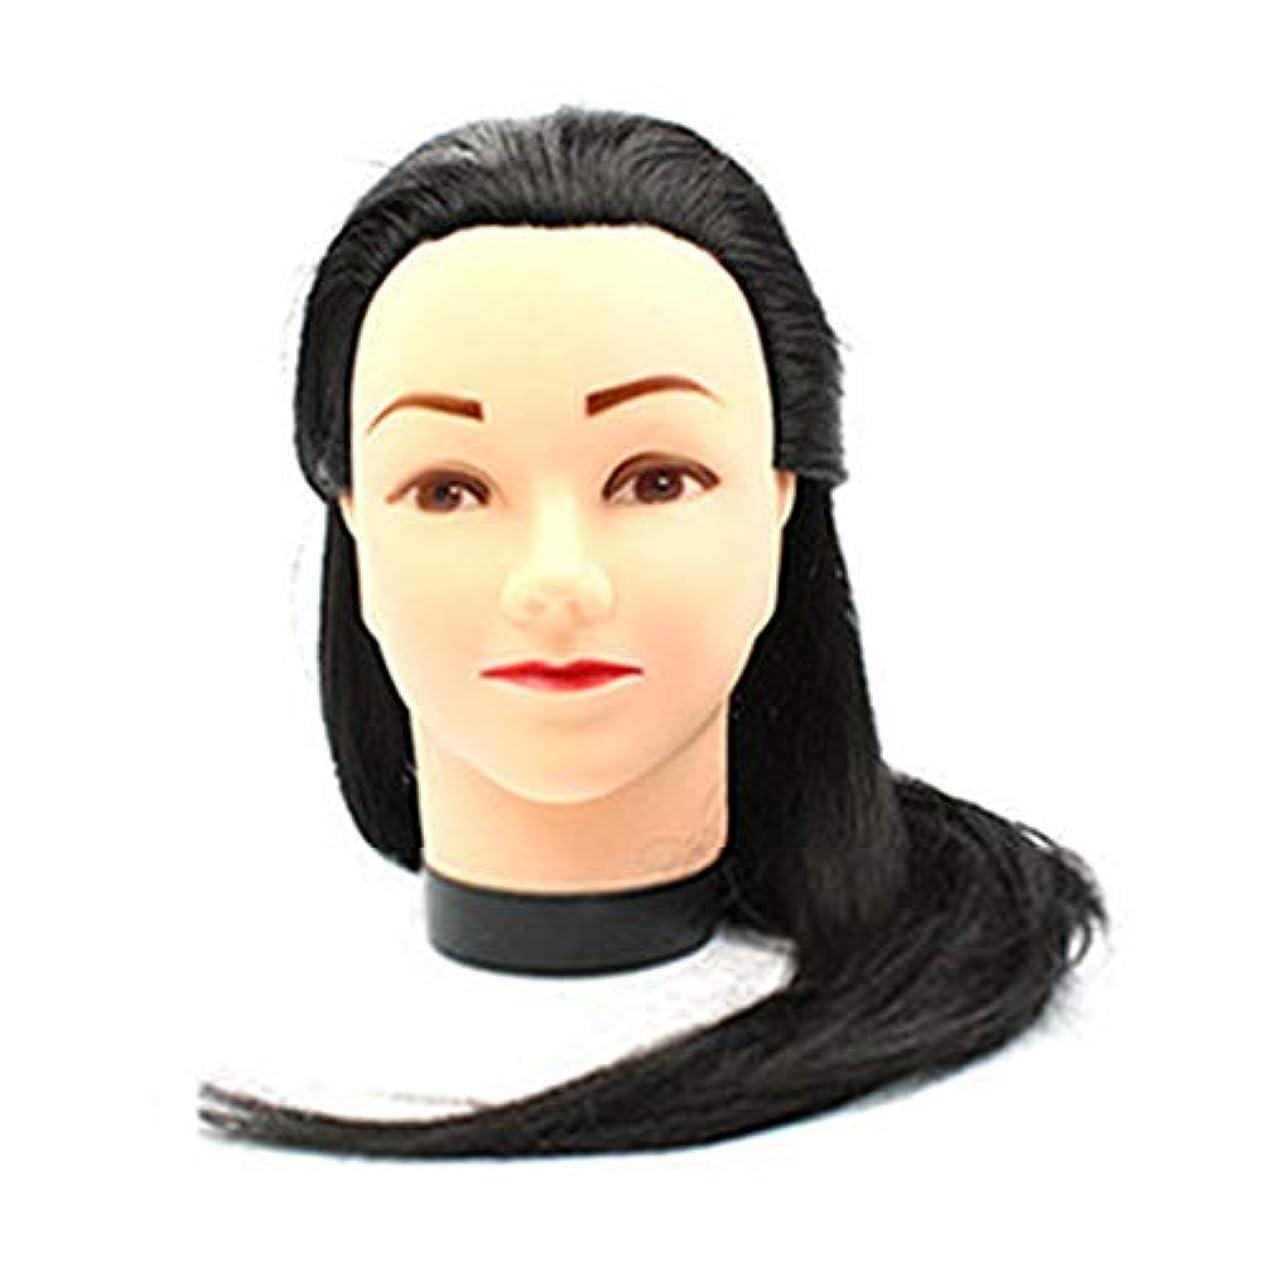 比べるペンドループ低温繊維かつらヘッドモールドメイクヘアスタイリングヘッドヘアーサロントレーニング学習ヘアカットデュアルユースダミー人間の頭